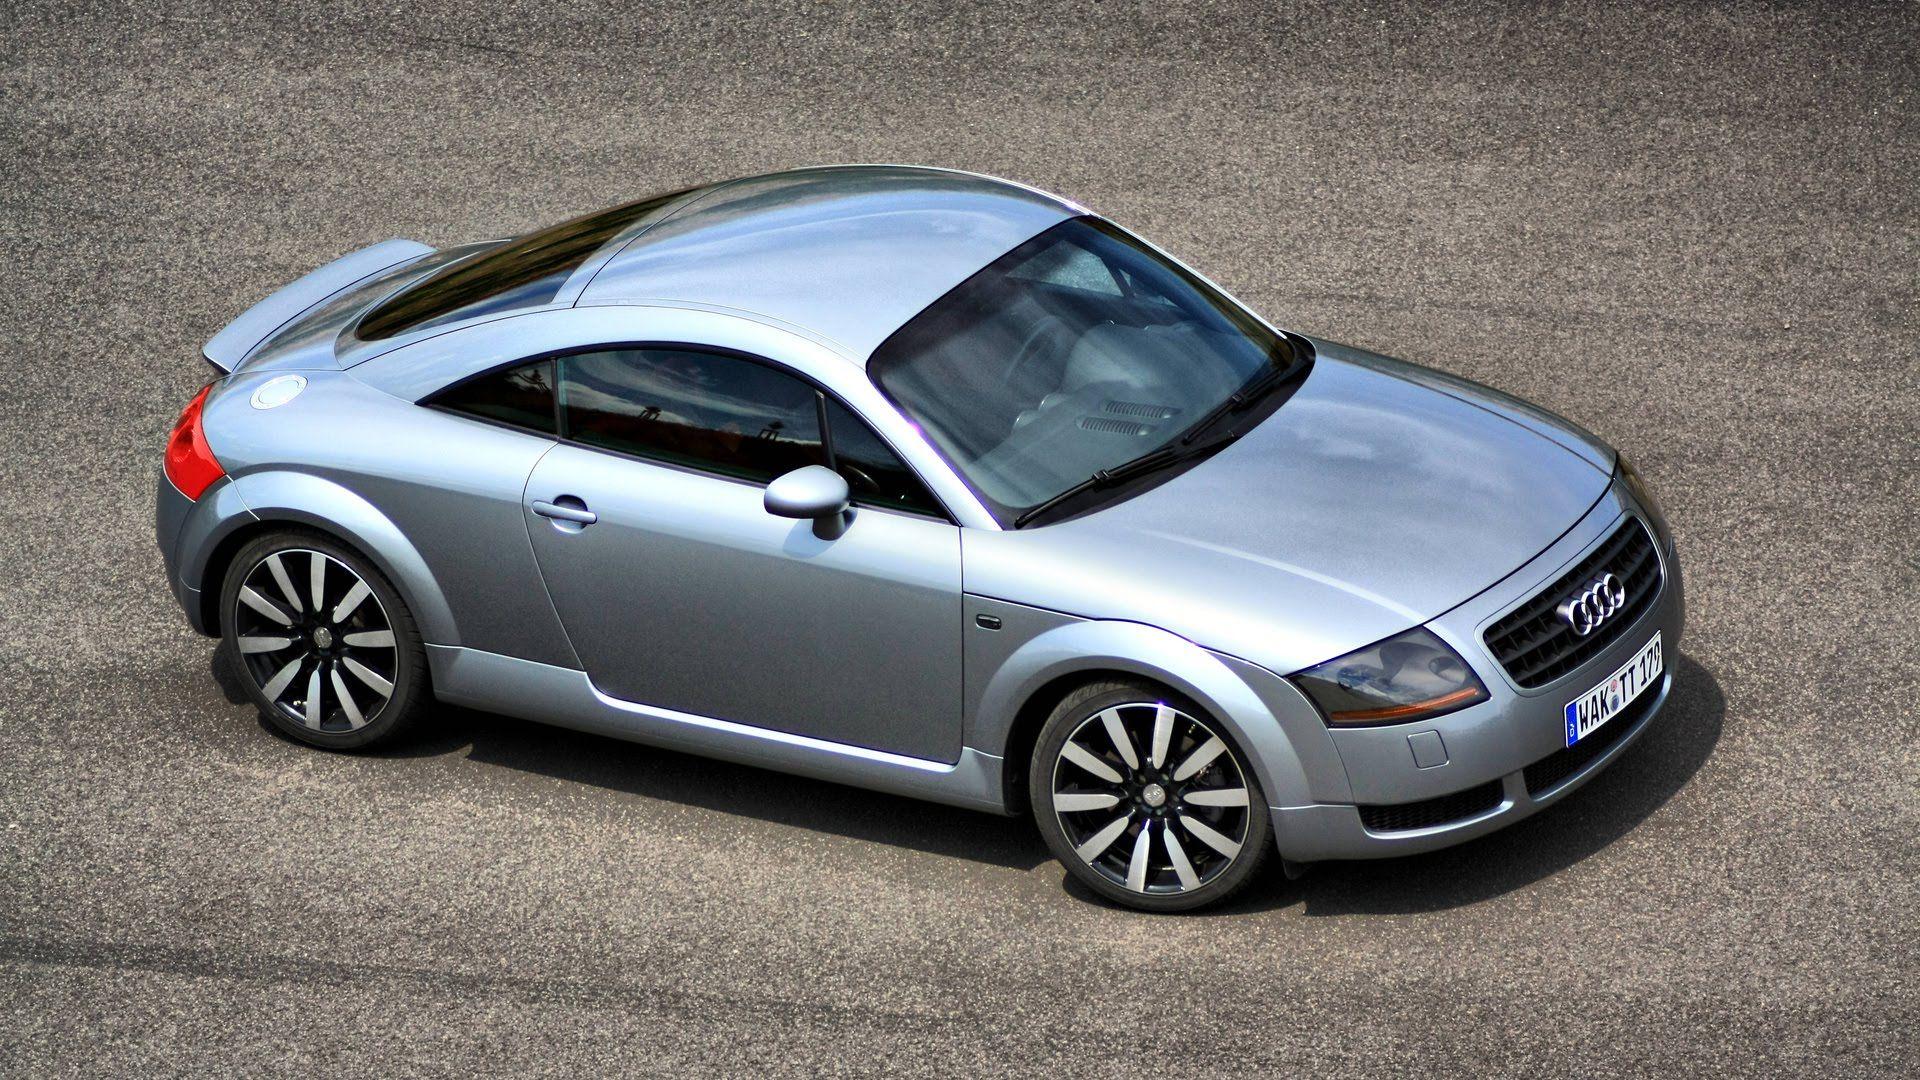 Kelebihan Kekurangan Audi Tt 1999 Perbandingan Harga